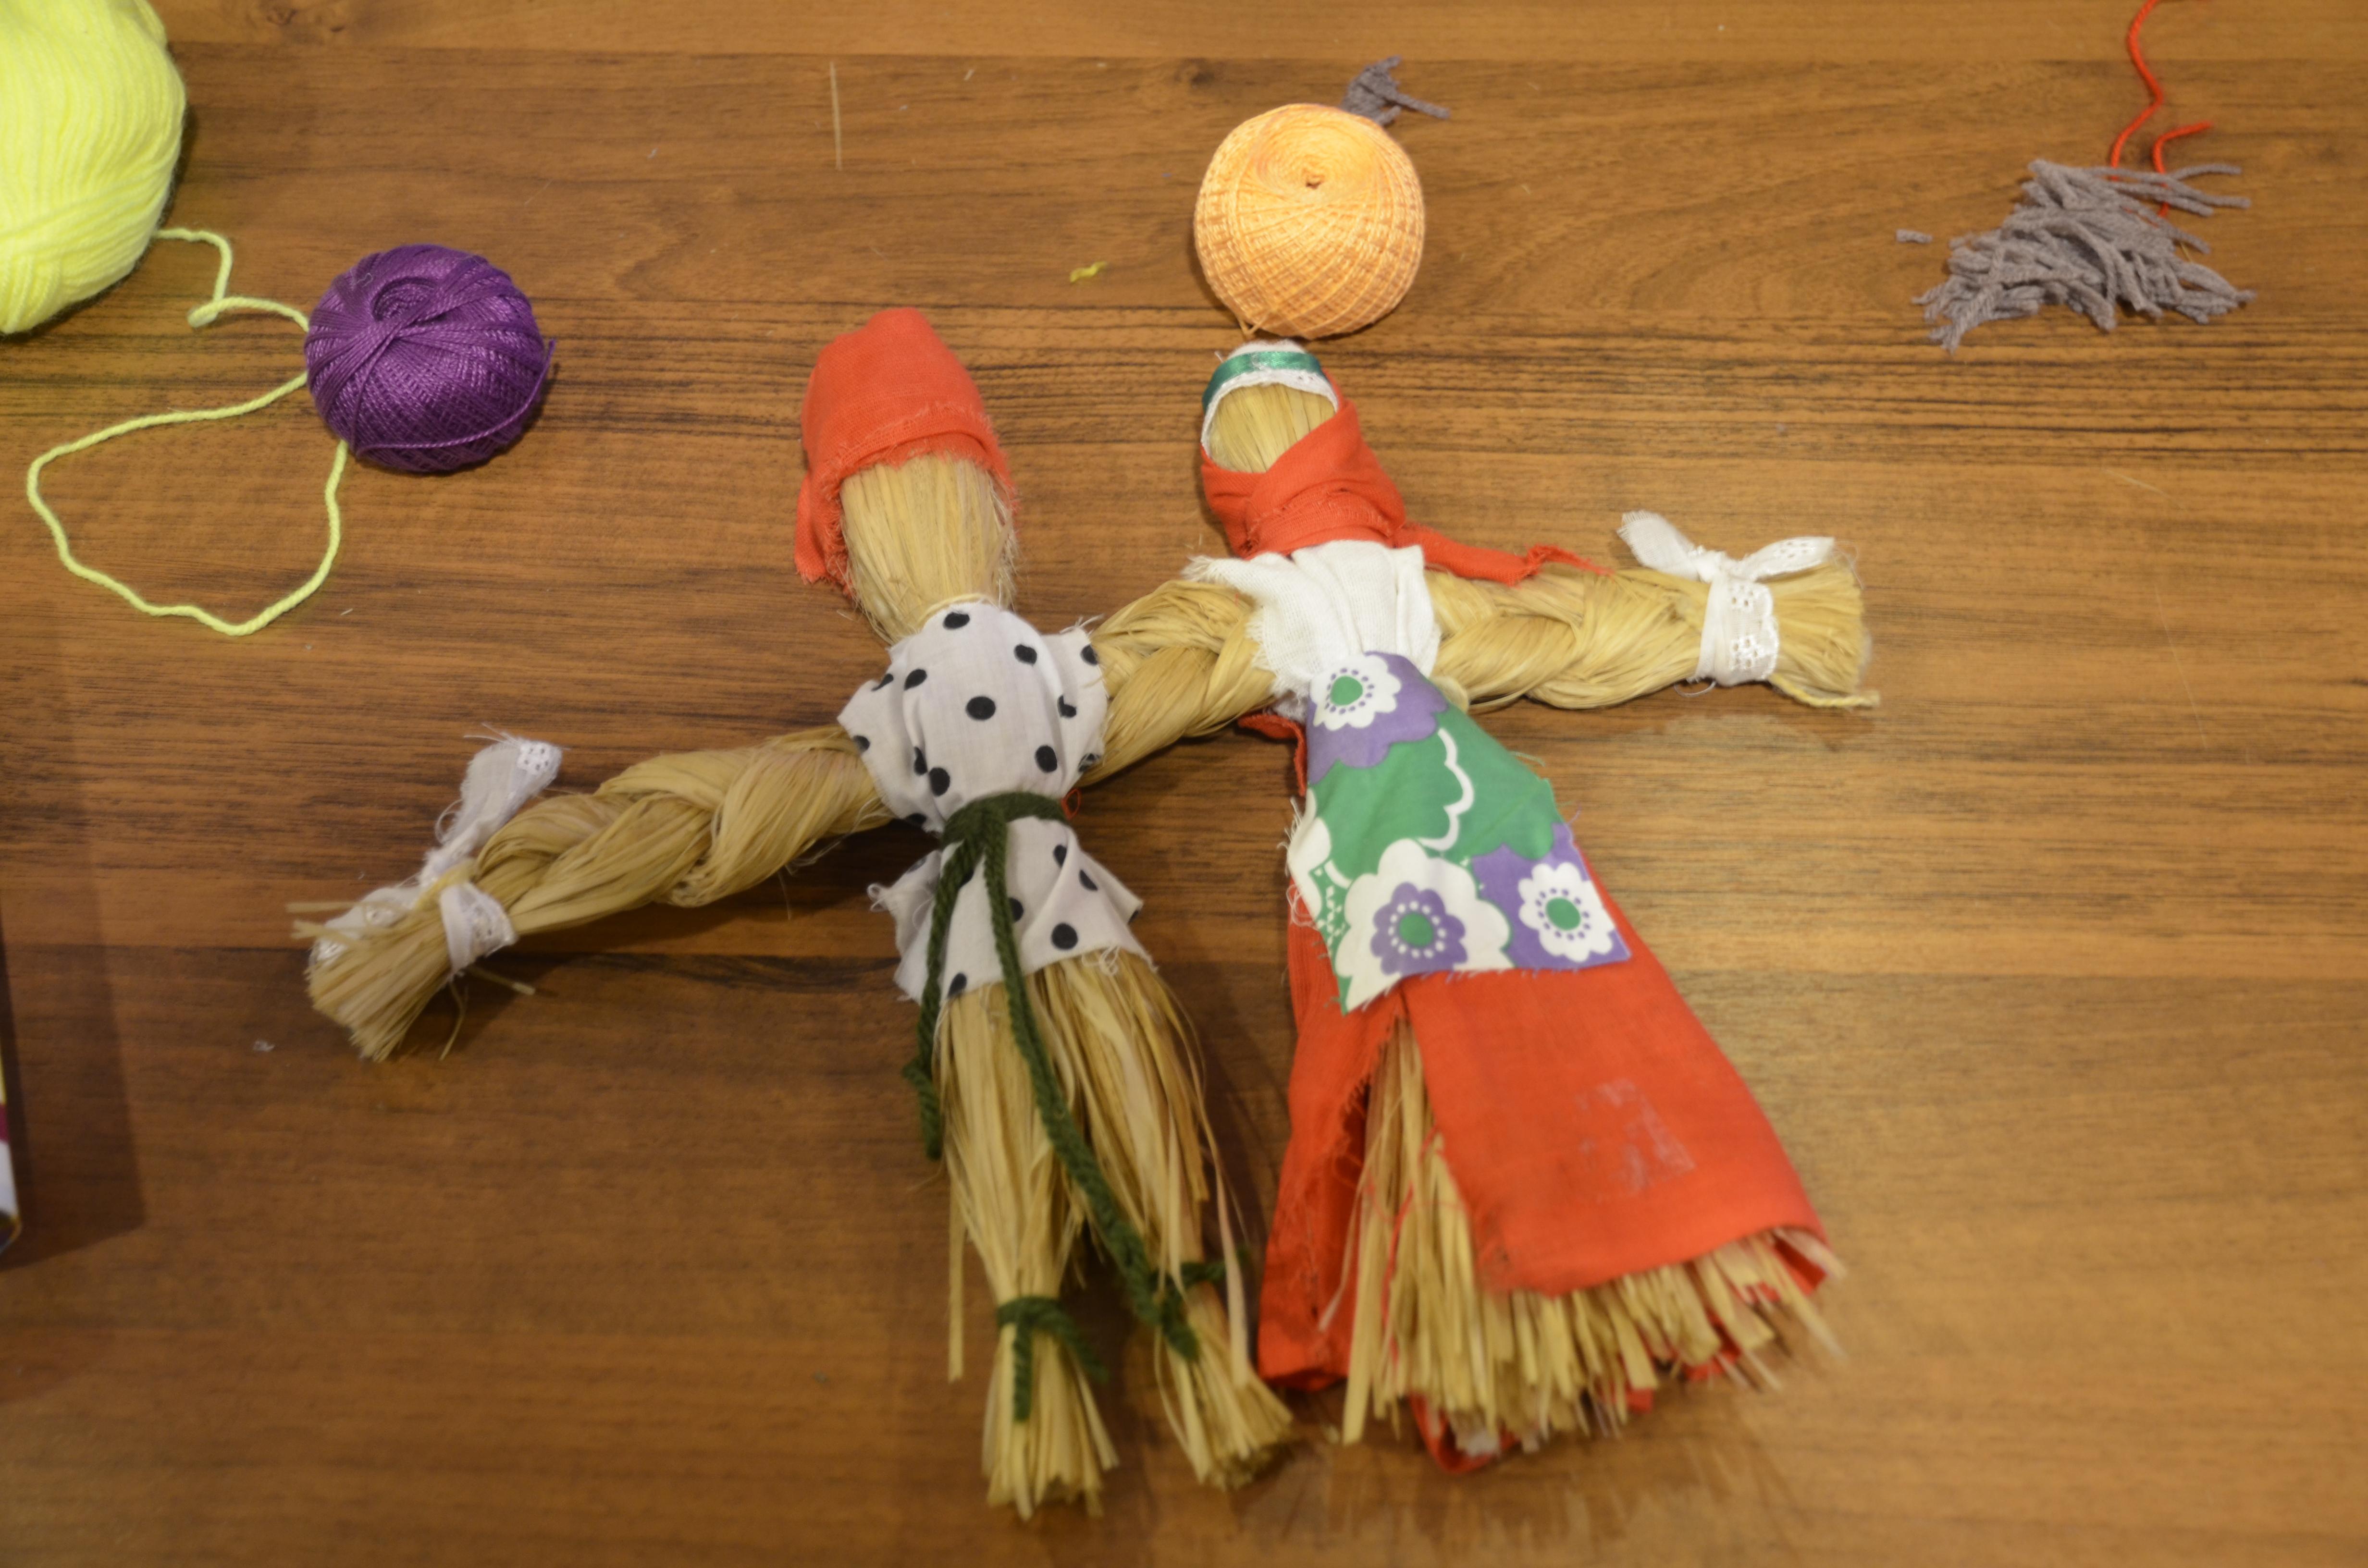 Игрушки народов России научат делать в детской библиотеке. Фото: Анна Быкова